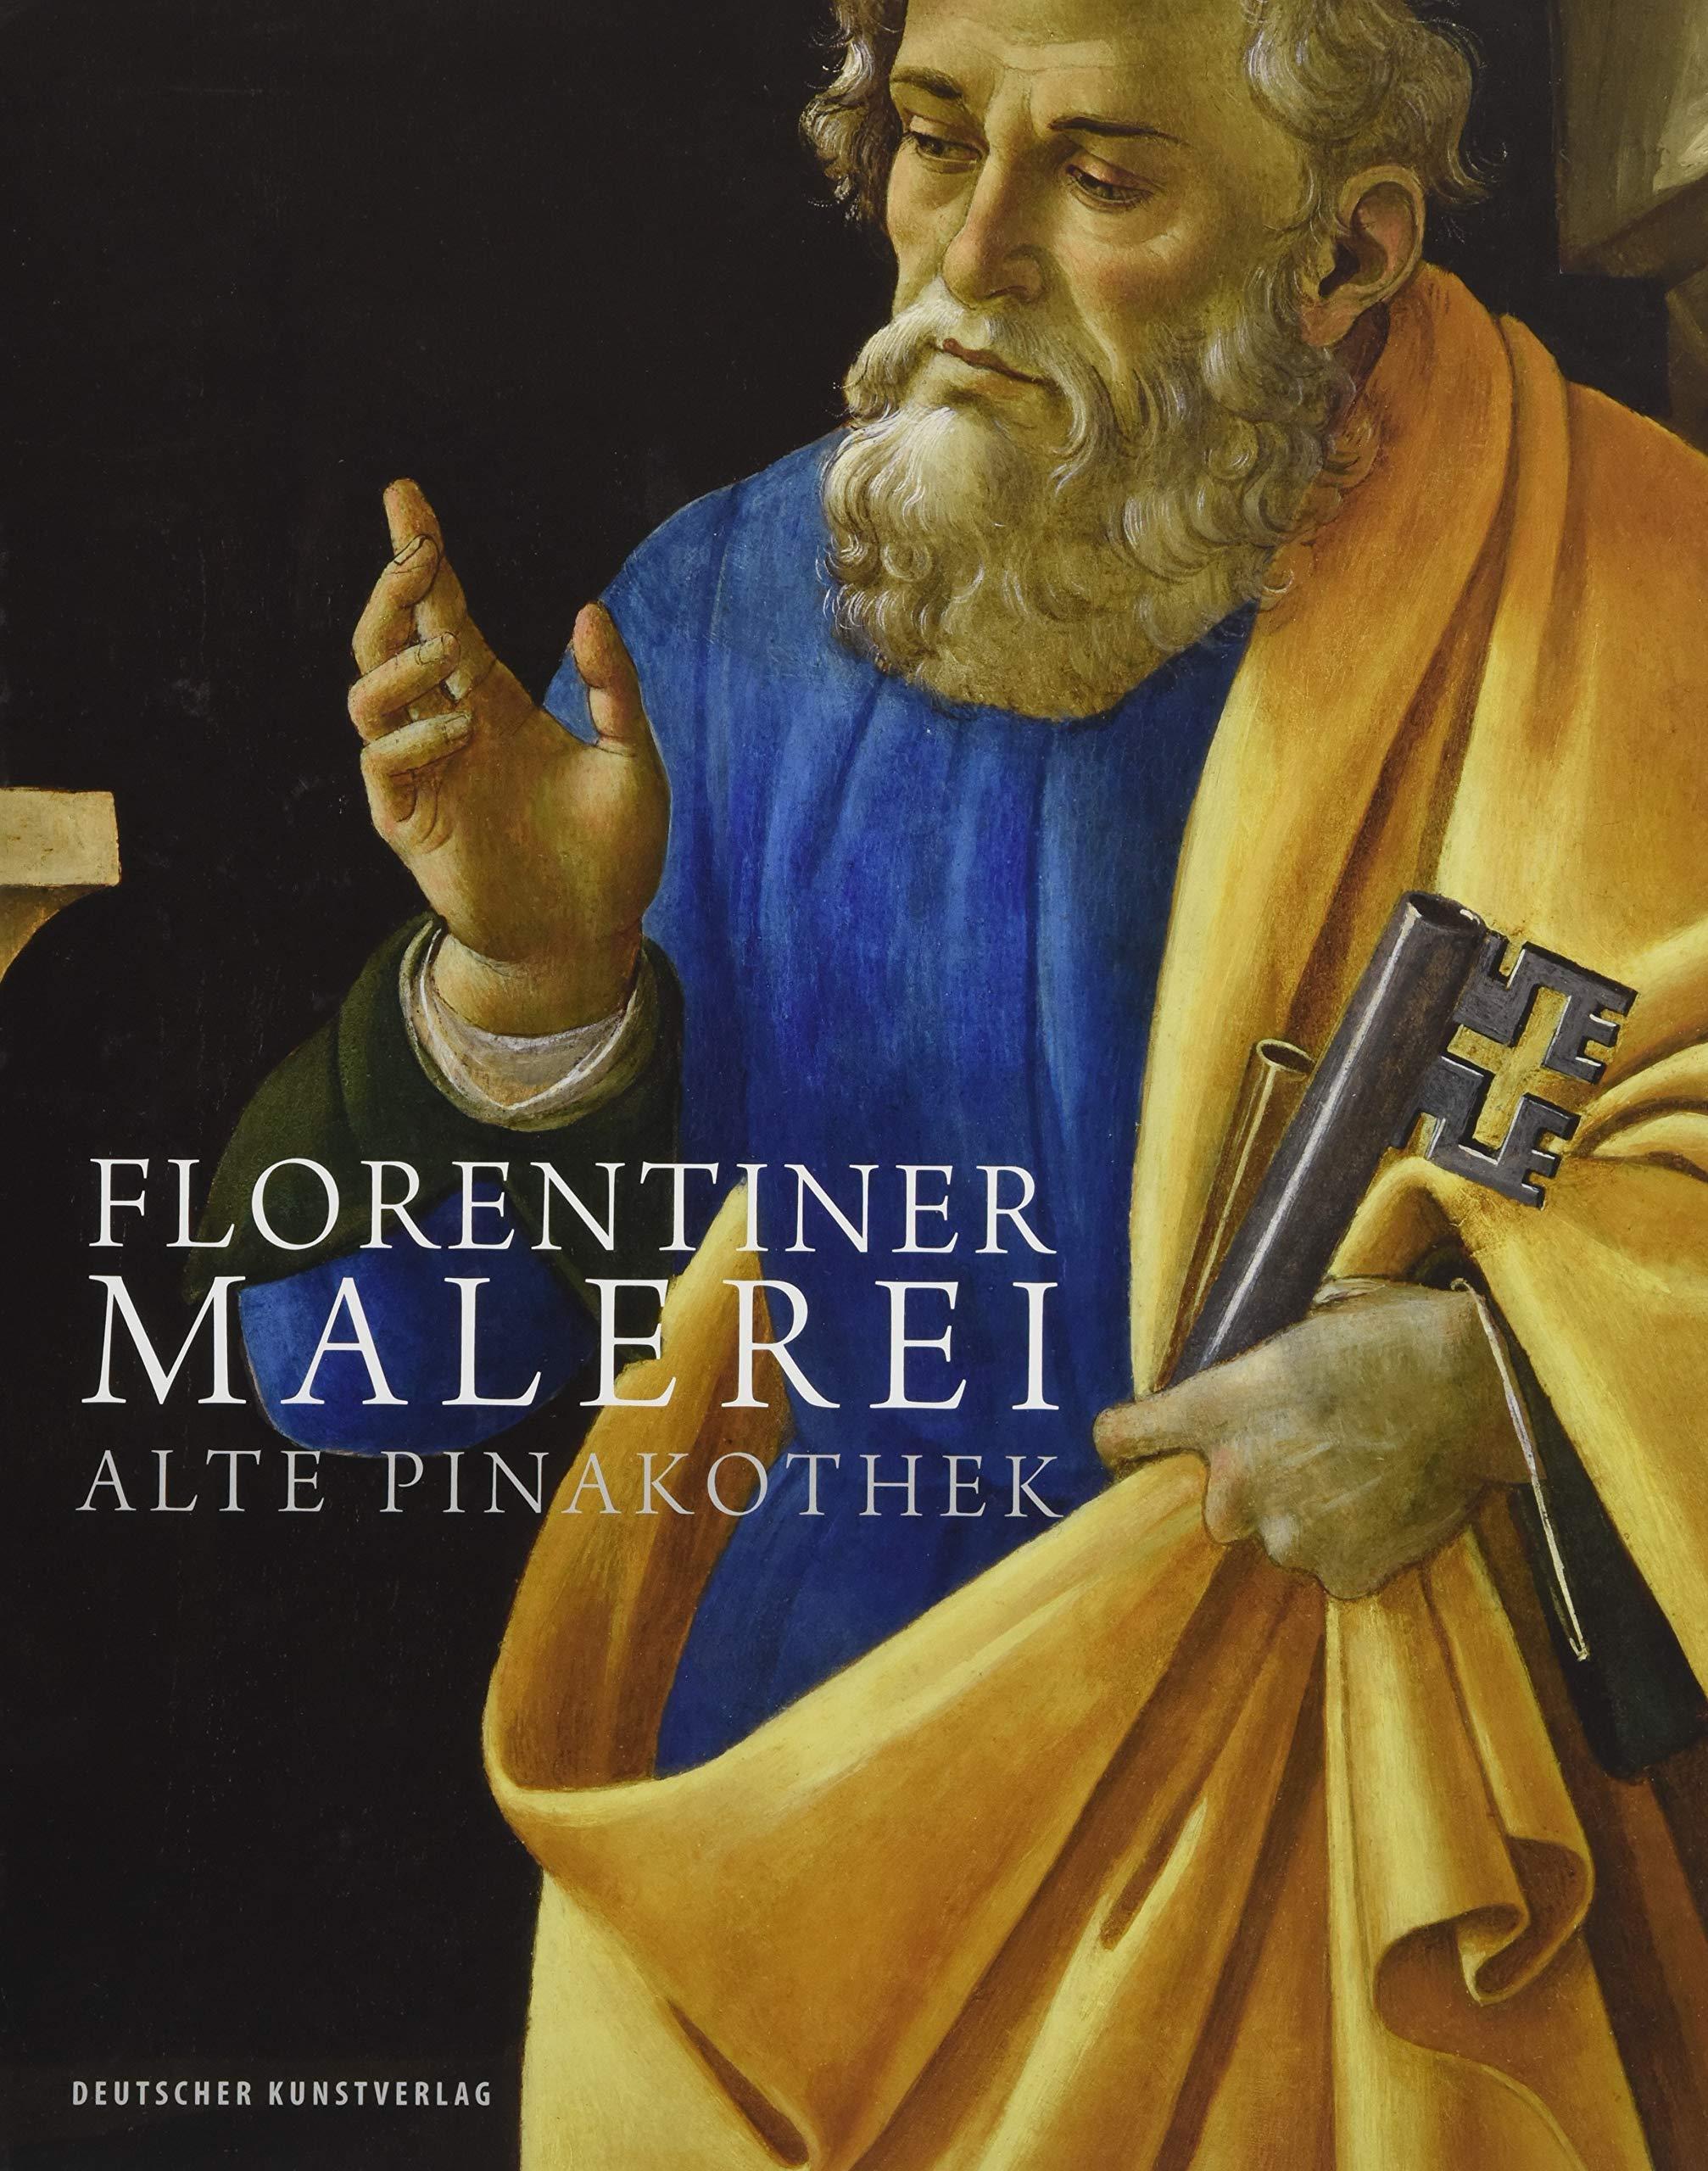 Florentiner Malerei: Alte Pinakothek. Die Gemälde des 14. bis 16. Jahrhunderts